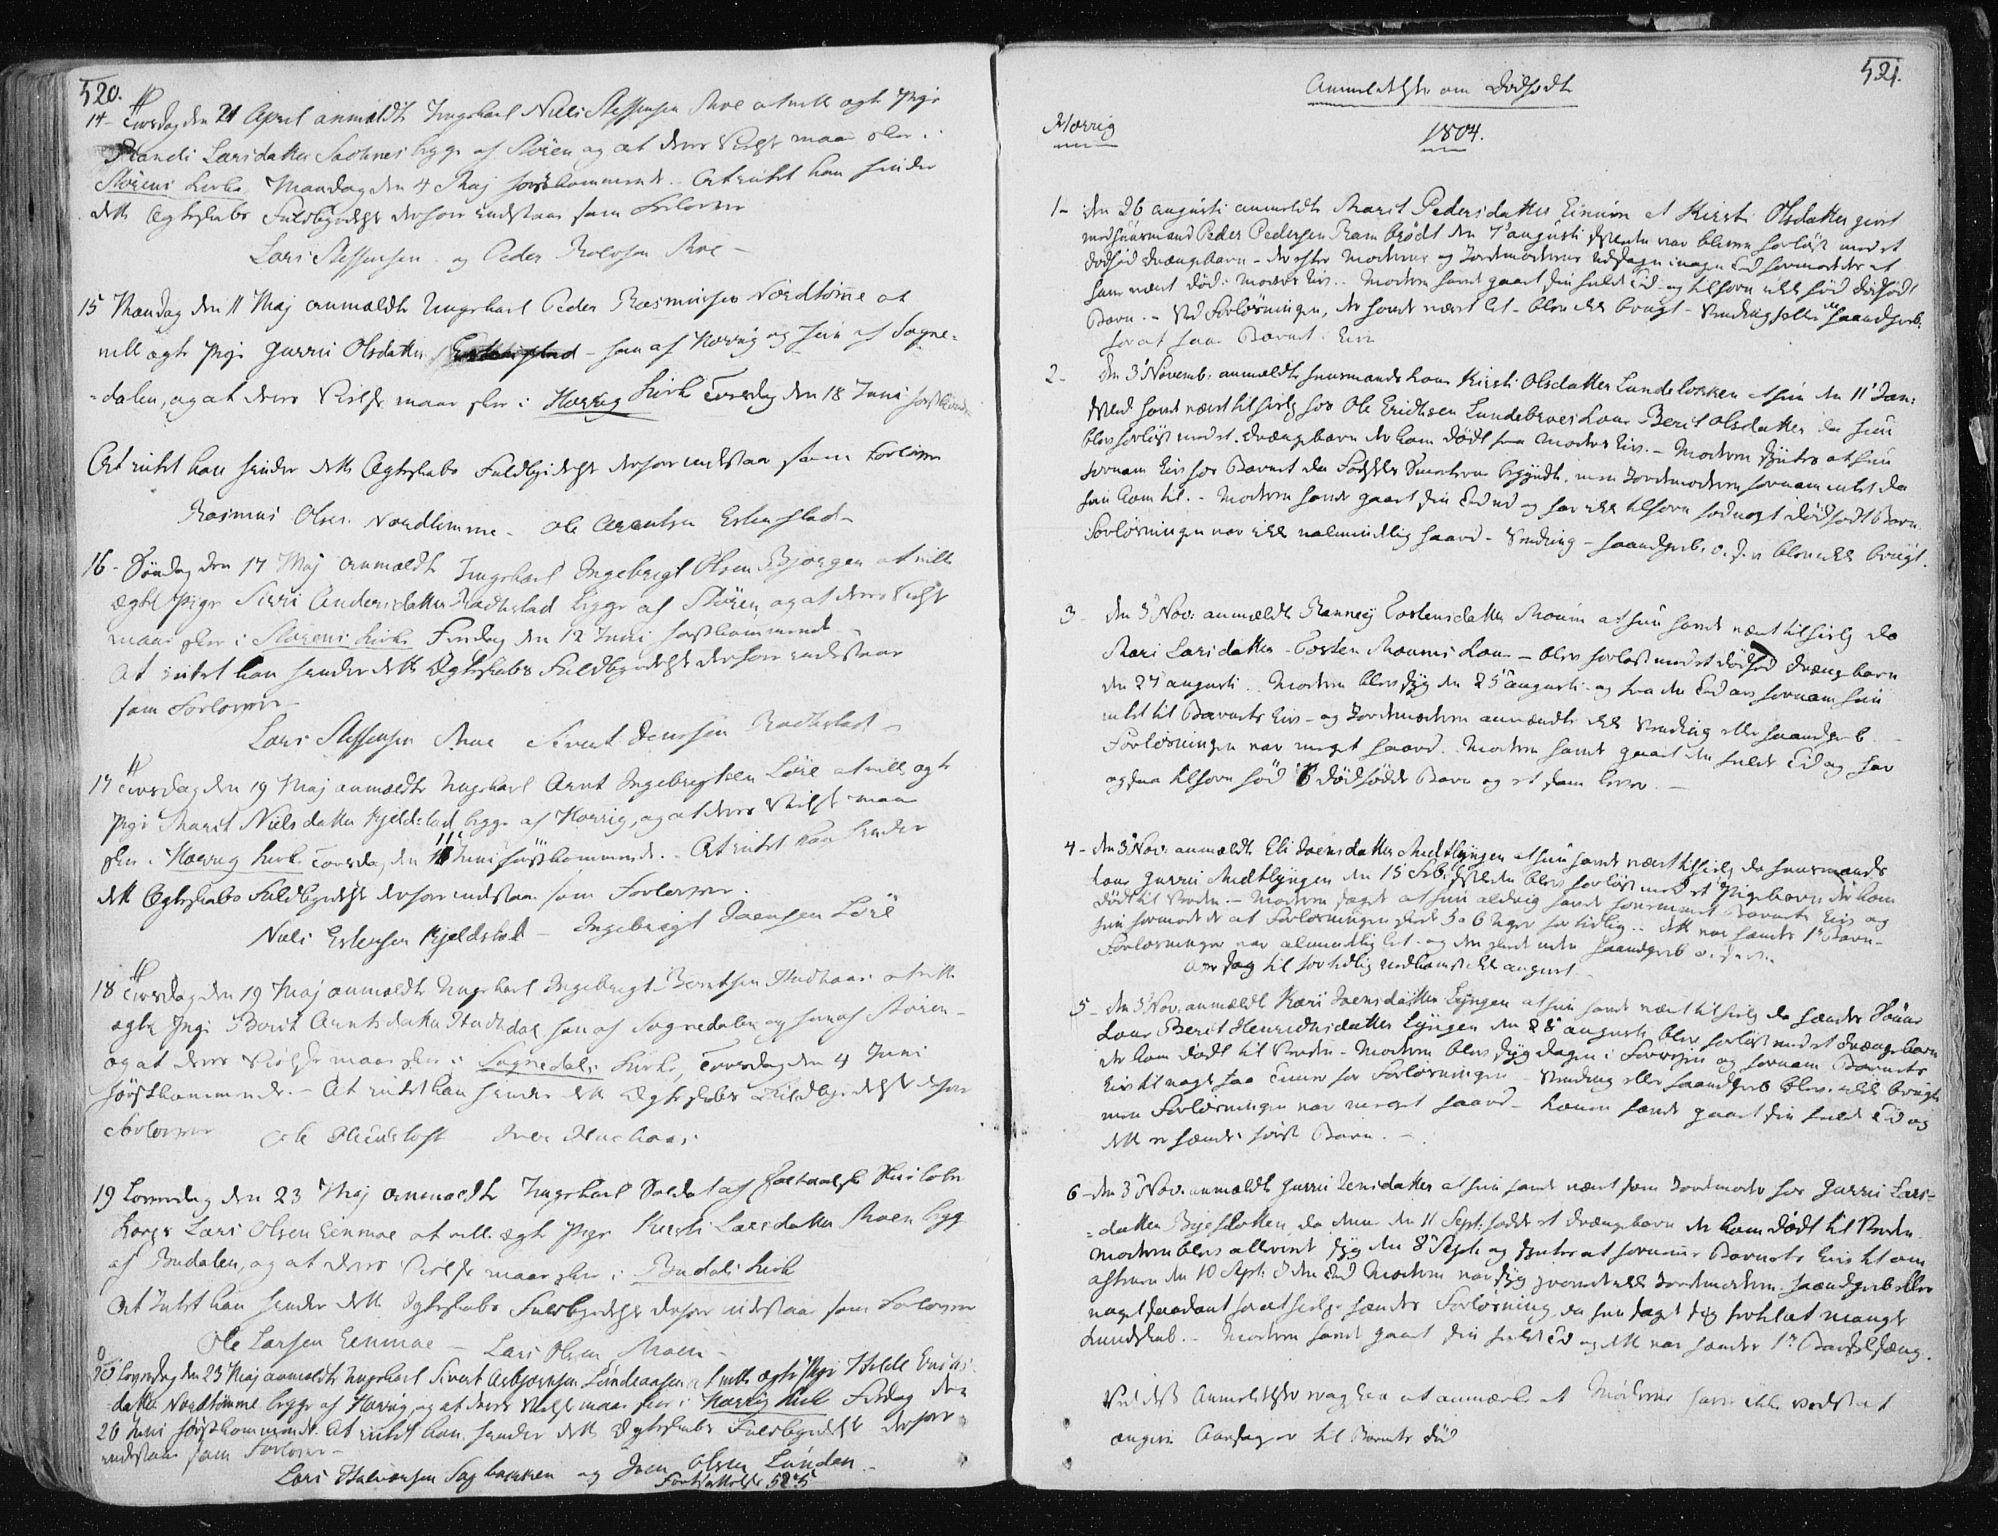 SAT, Ministerialprotokoller, klokkerbøker og fødselsregistre - Sør-Trøndelag, 687/L0992: Ministerialbok nr. 687A03 /1, 1788-1815, s. 520-521